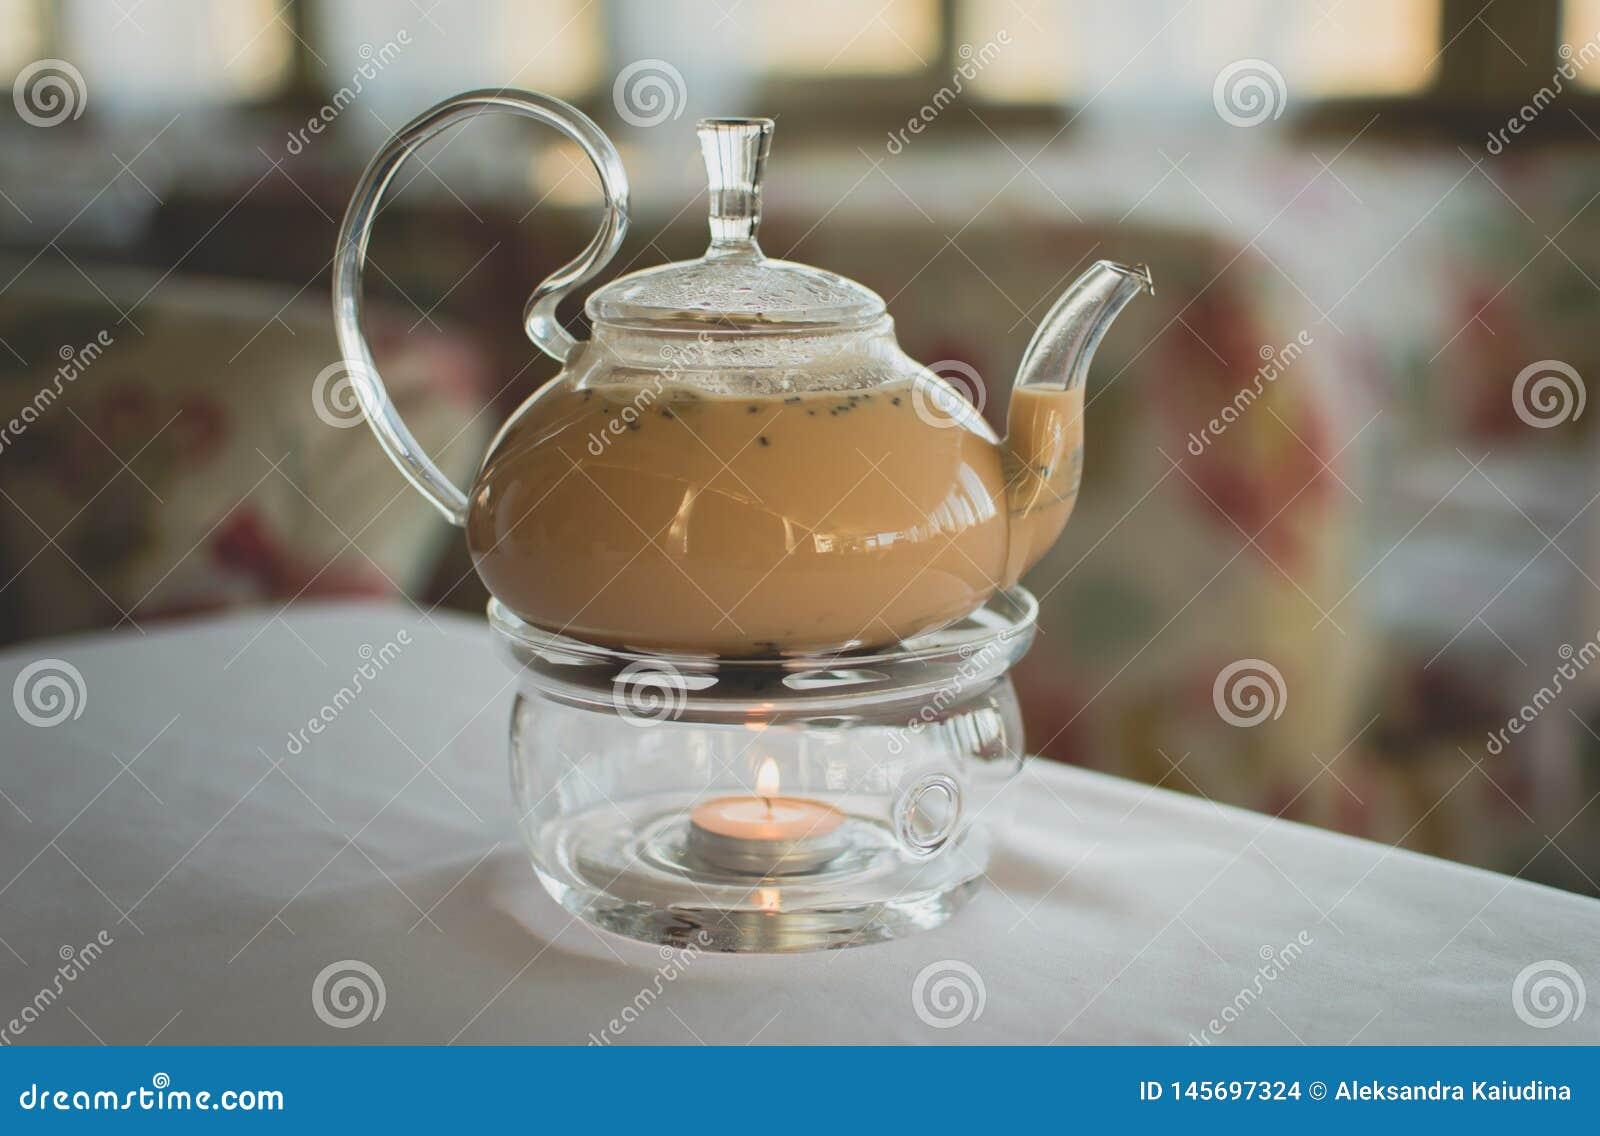 Ch? de Masala em um bule transparente